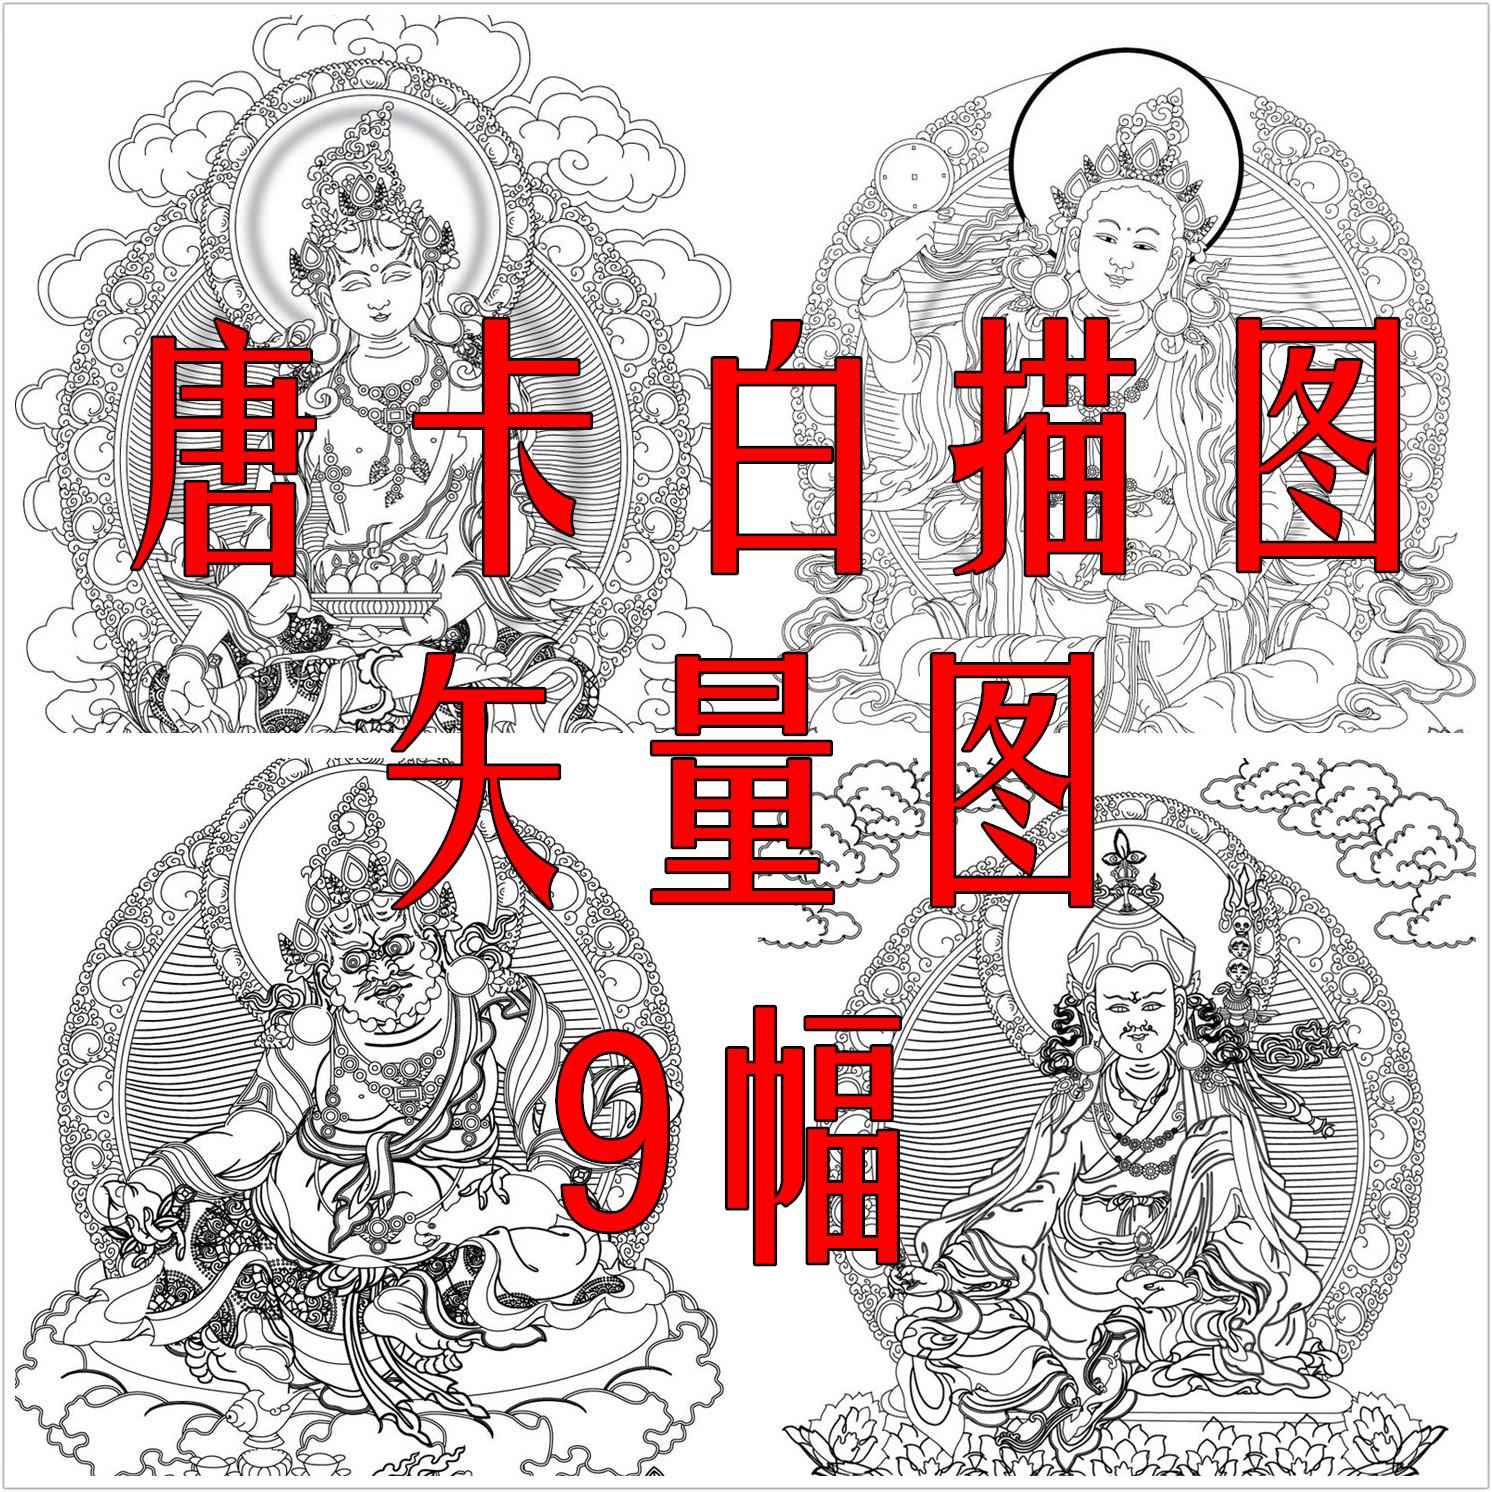 Тибет биография будда учить династия тан карта работа карандаш рисунок карандашом стрелка количество инжир ручная роспись лицо копия дизайн материал тибет будда так